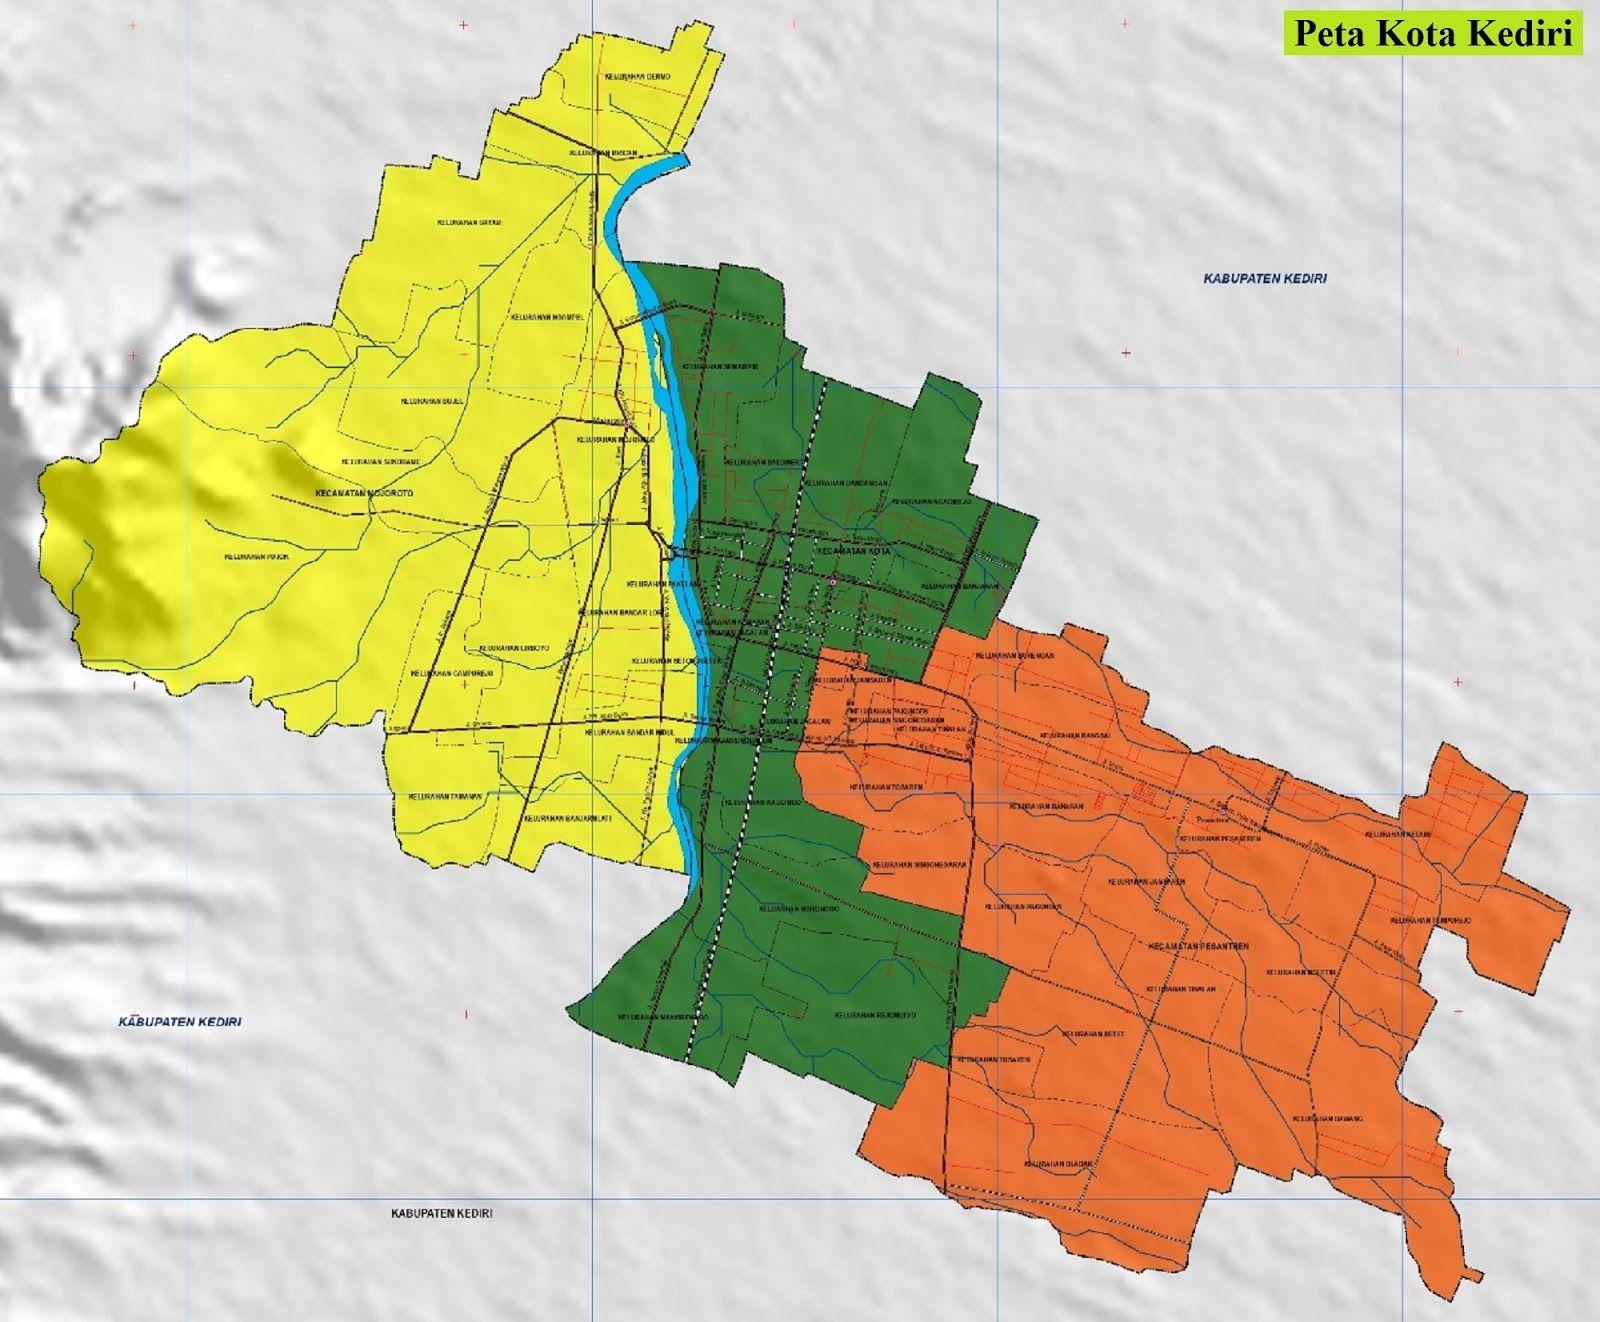 Peta Kota Kediri Gambar Hd Lengkap Dan Keterangannya Peta Kota Peta Gambar